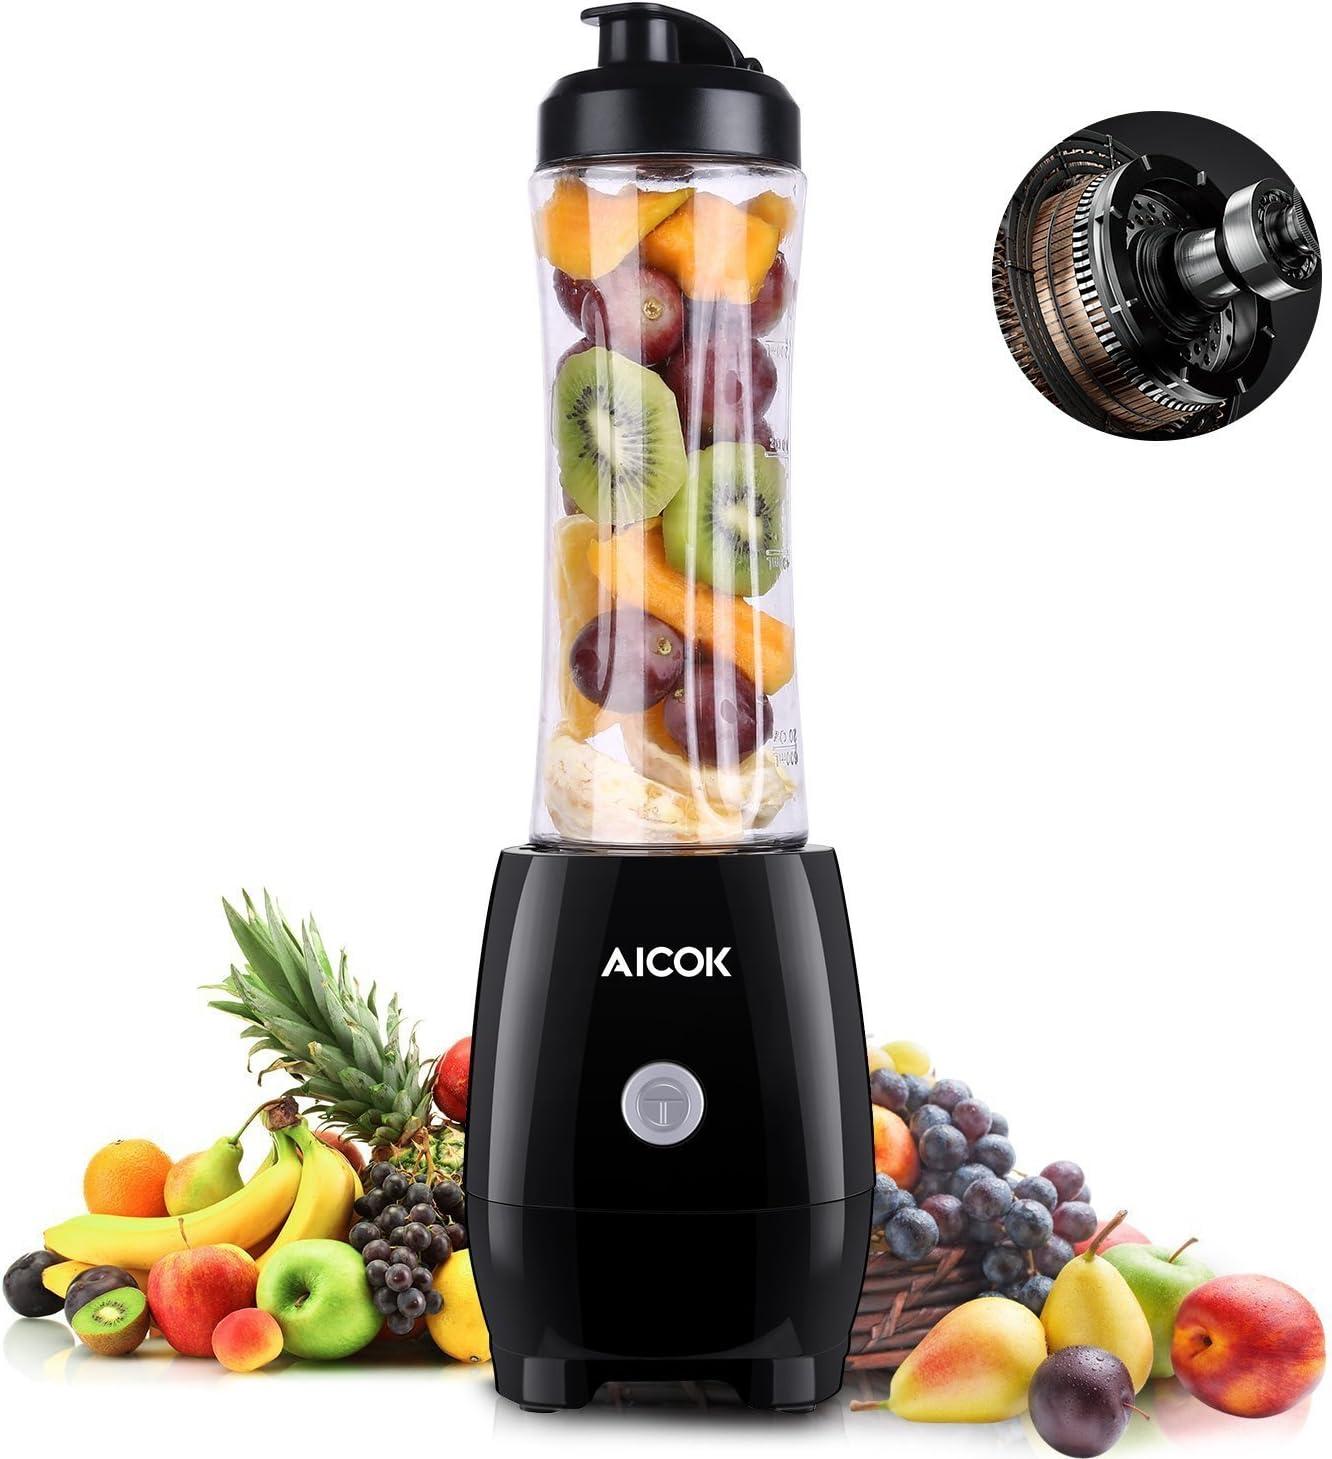 Aicok Mini batidora Individual, Portátil Batidora de vaso 600ml, para Smoothies, Zumos de Fruta y Verdura, Milkshake, 300W, Libre de BPA, Negro: Amazon.es: Hogar